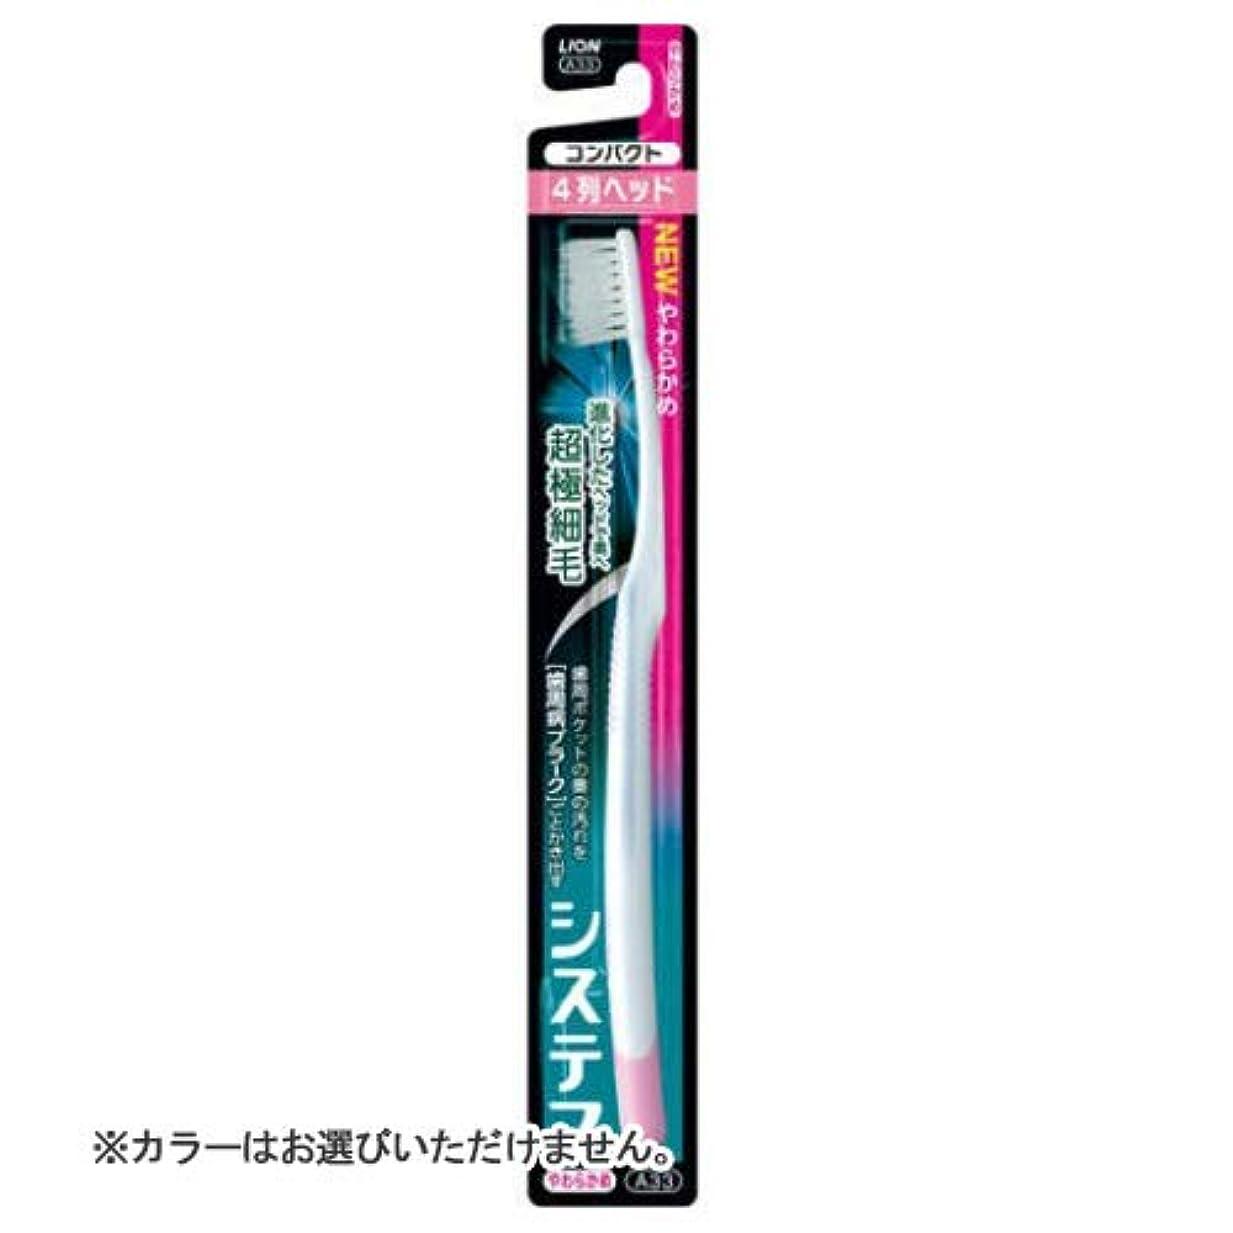 改革重力脱獄ライオン システマ ハブラシ コンパクト4列 やわらかめ (1本) 大人用 歯ブラシ